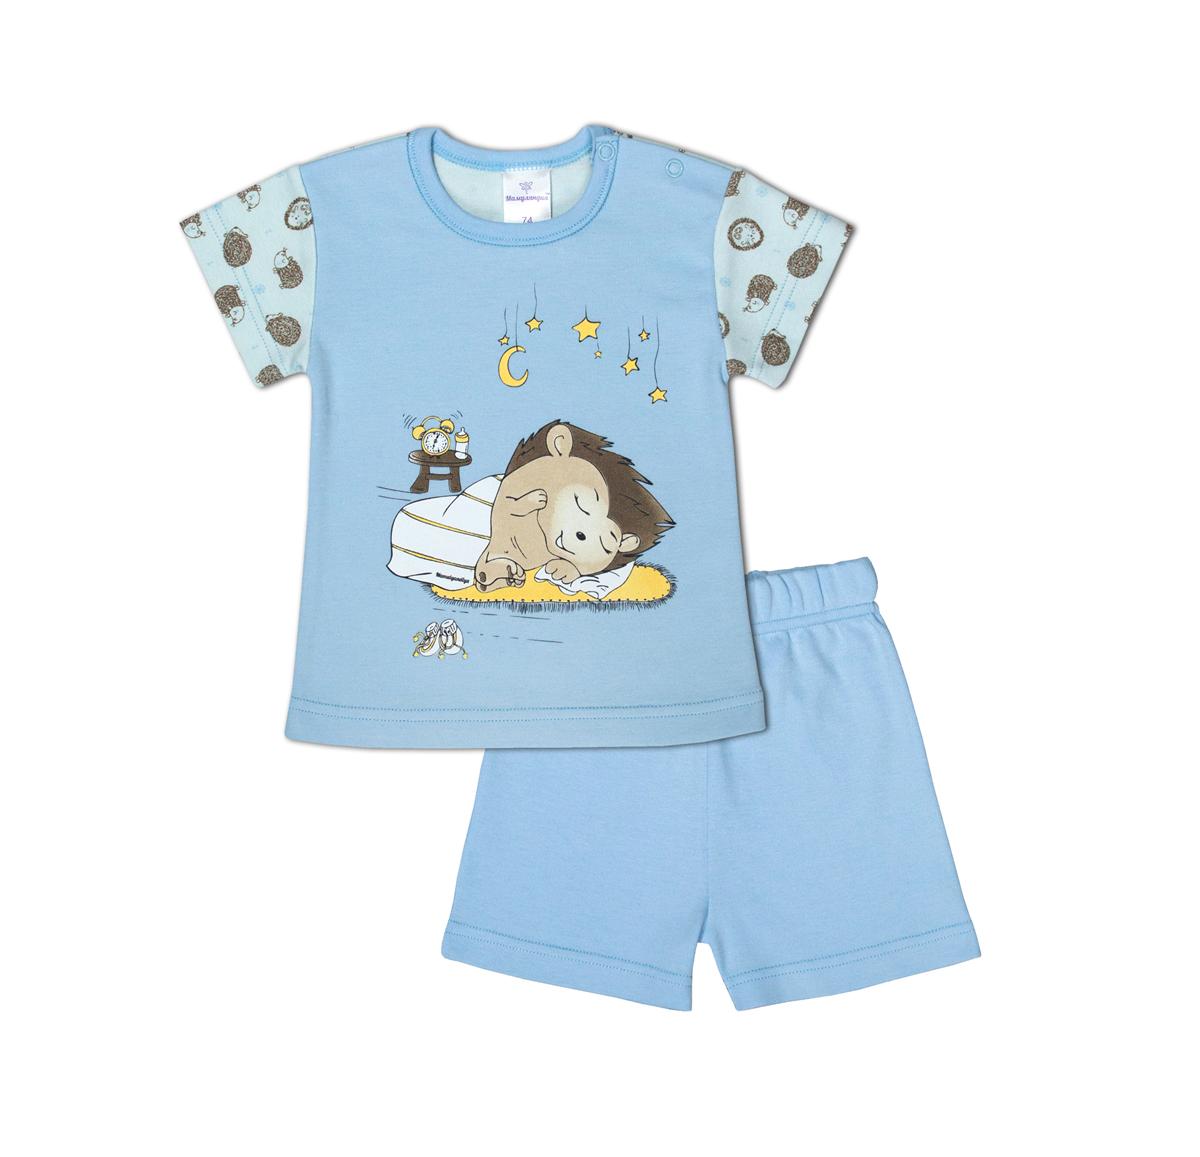 Комплект одежды для мальчика Мамуляндия: шорты, футболка, цвет: голубой. 17-17001. Размер 86 spasilk spasilk комплект одежды боди с коротким рукавом 4 шт голубой белый